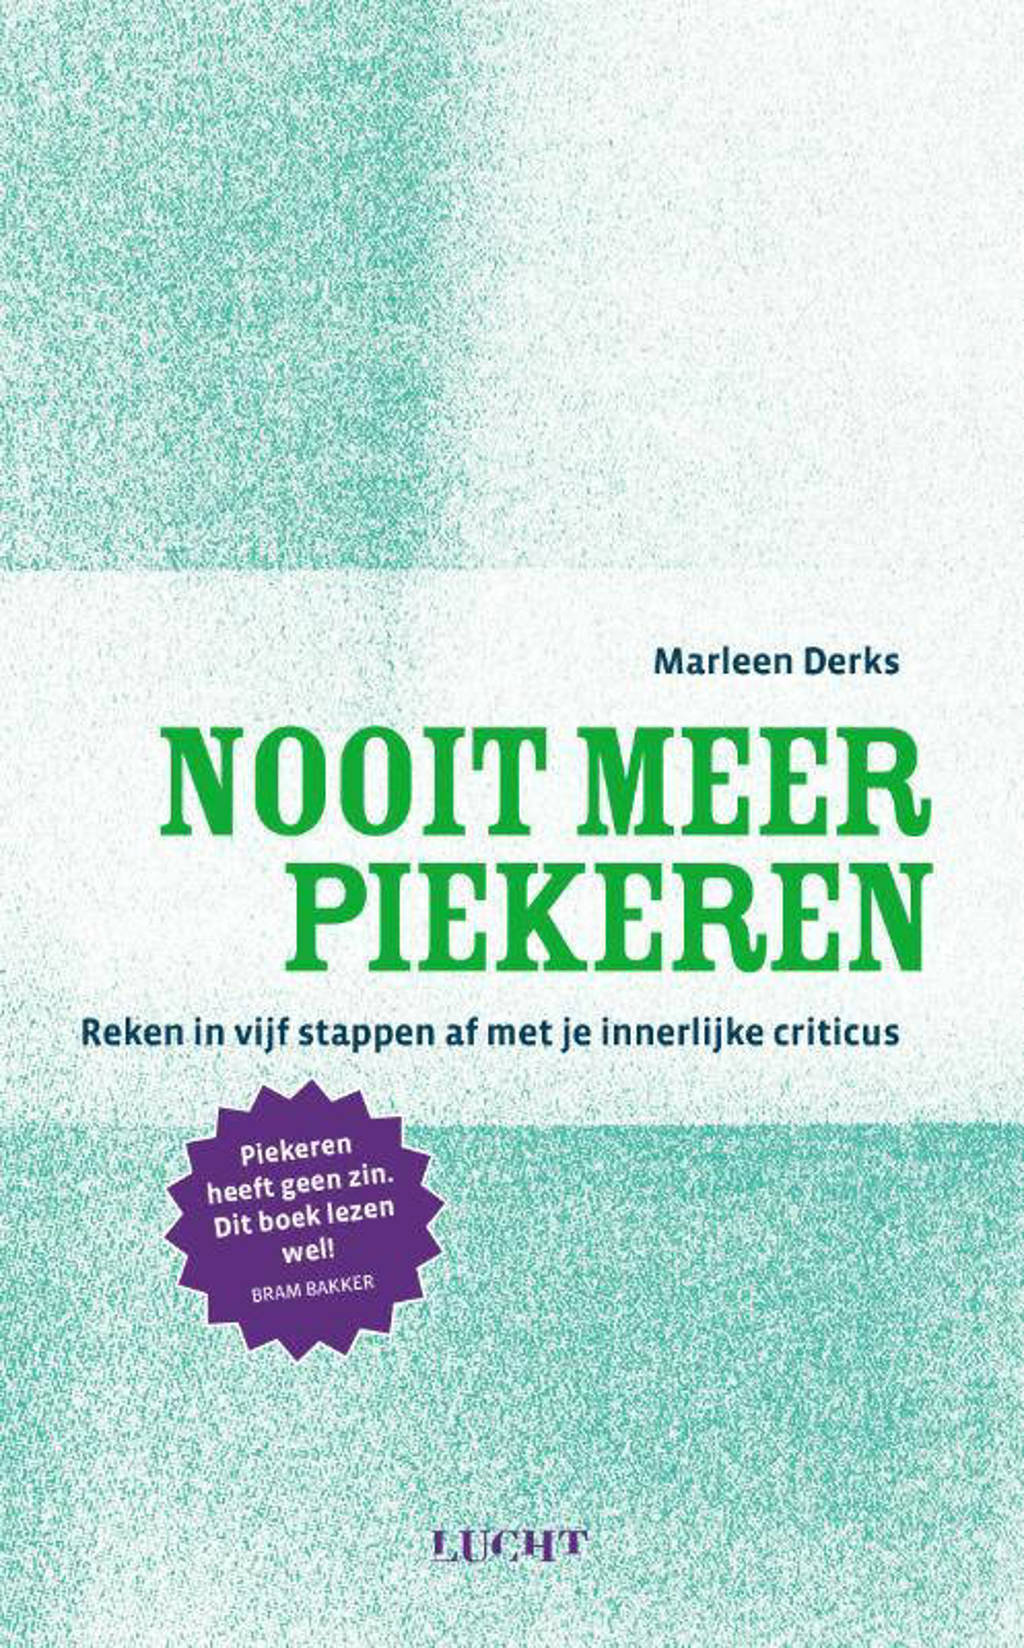 Nooit meer piekeren - Marleen Derks